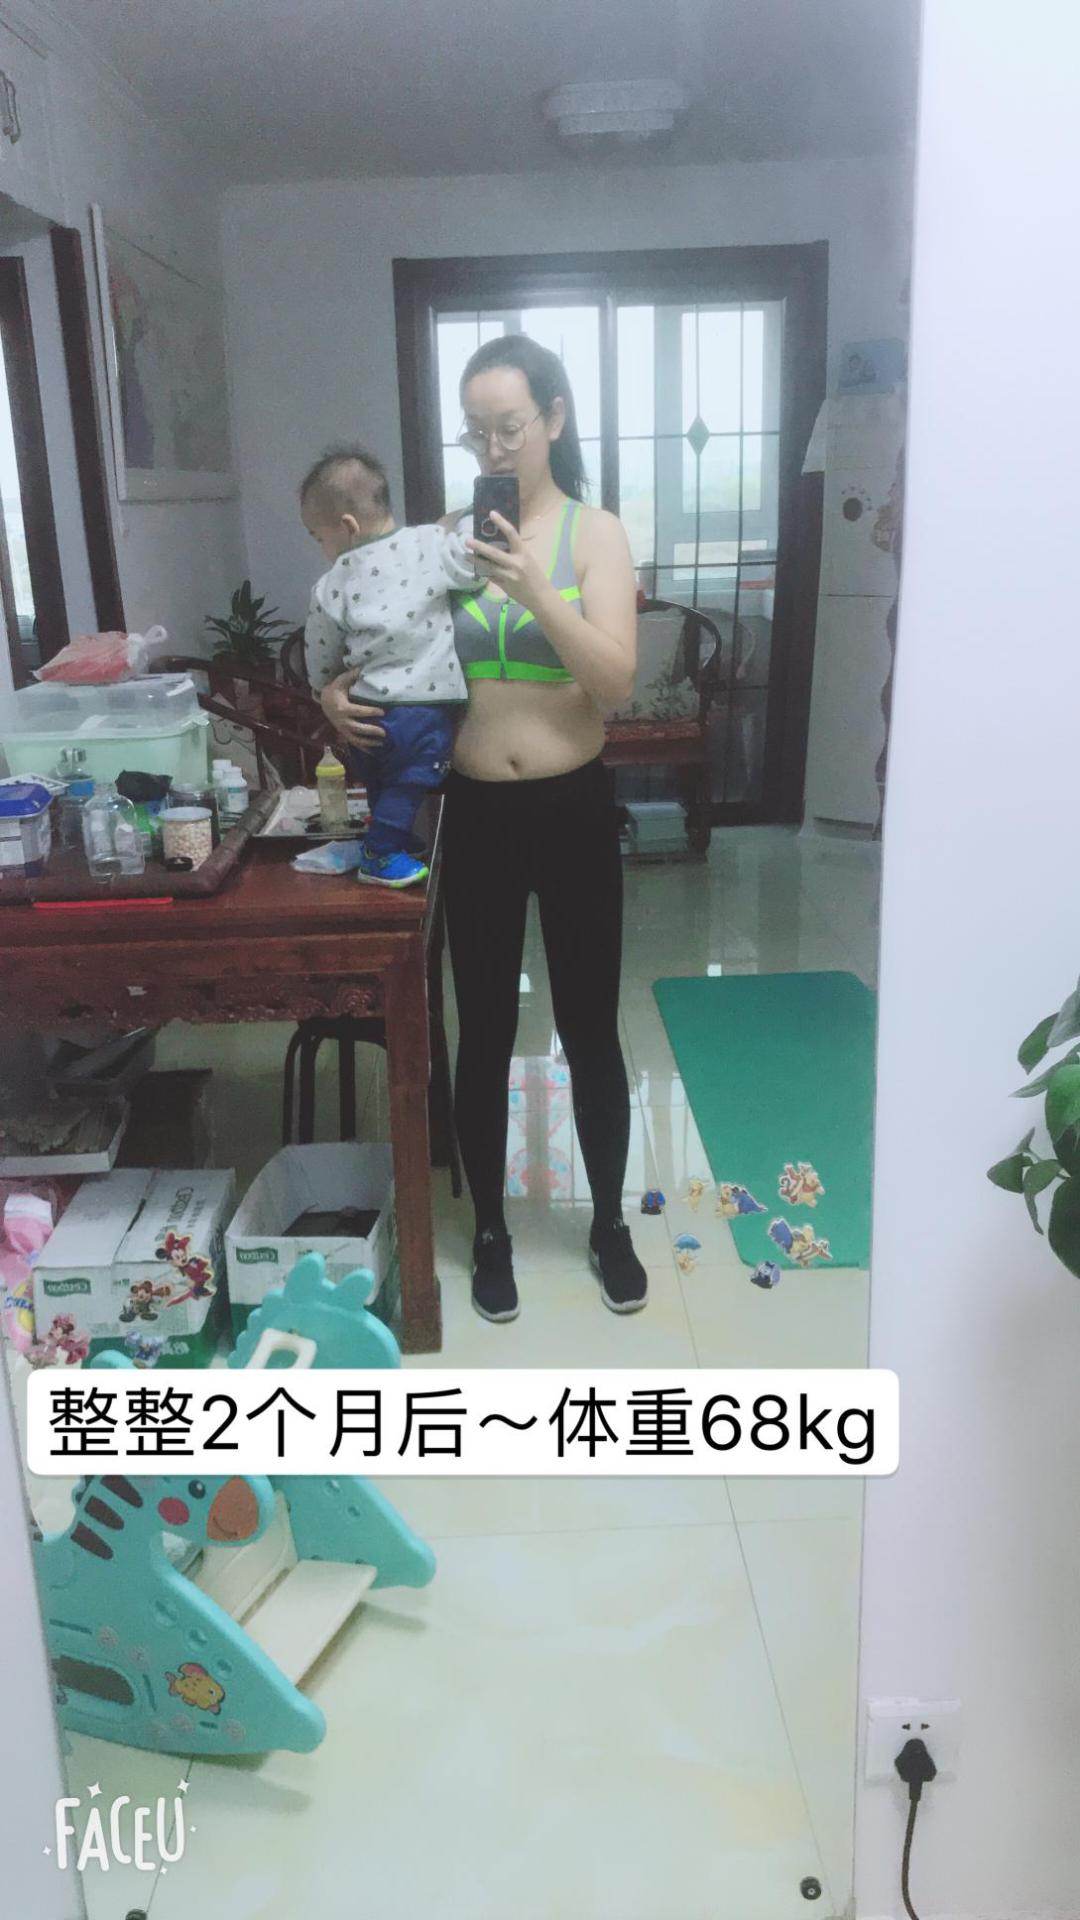 明星都在用的美人吃瘦图鉴:塑体型、轻体重、养出易瘦体质,瘦掉32斤吃出挺胸翘臀-第47张图片-爱课啦